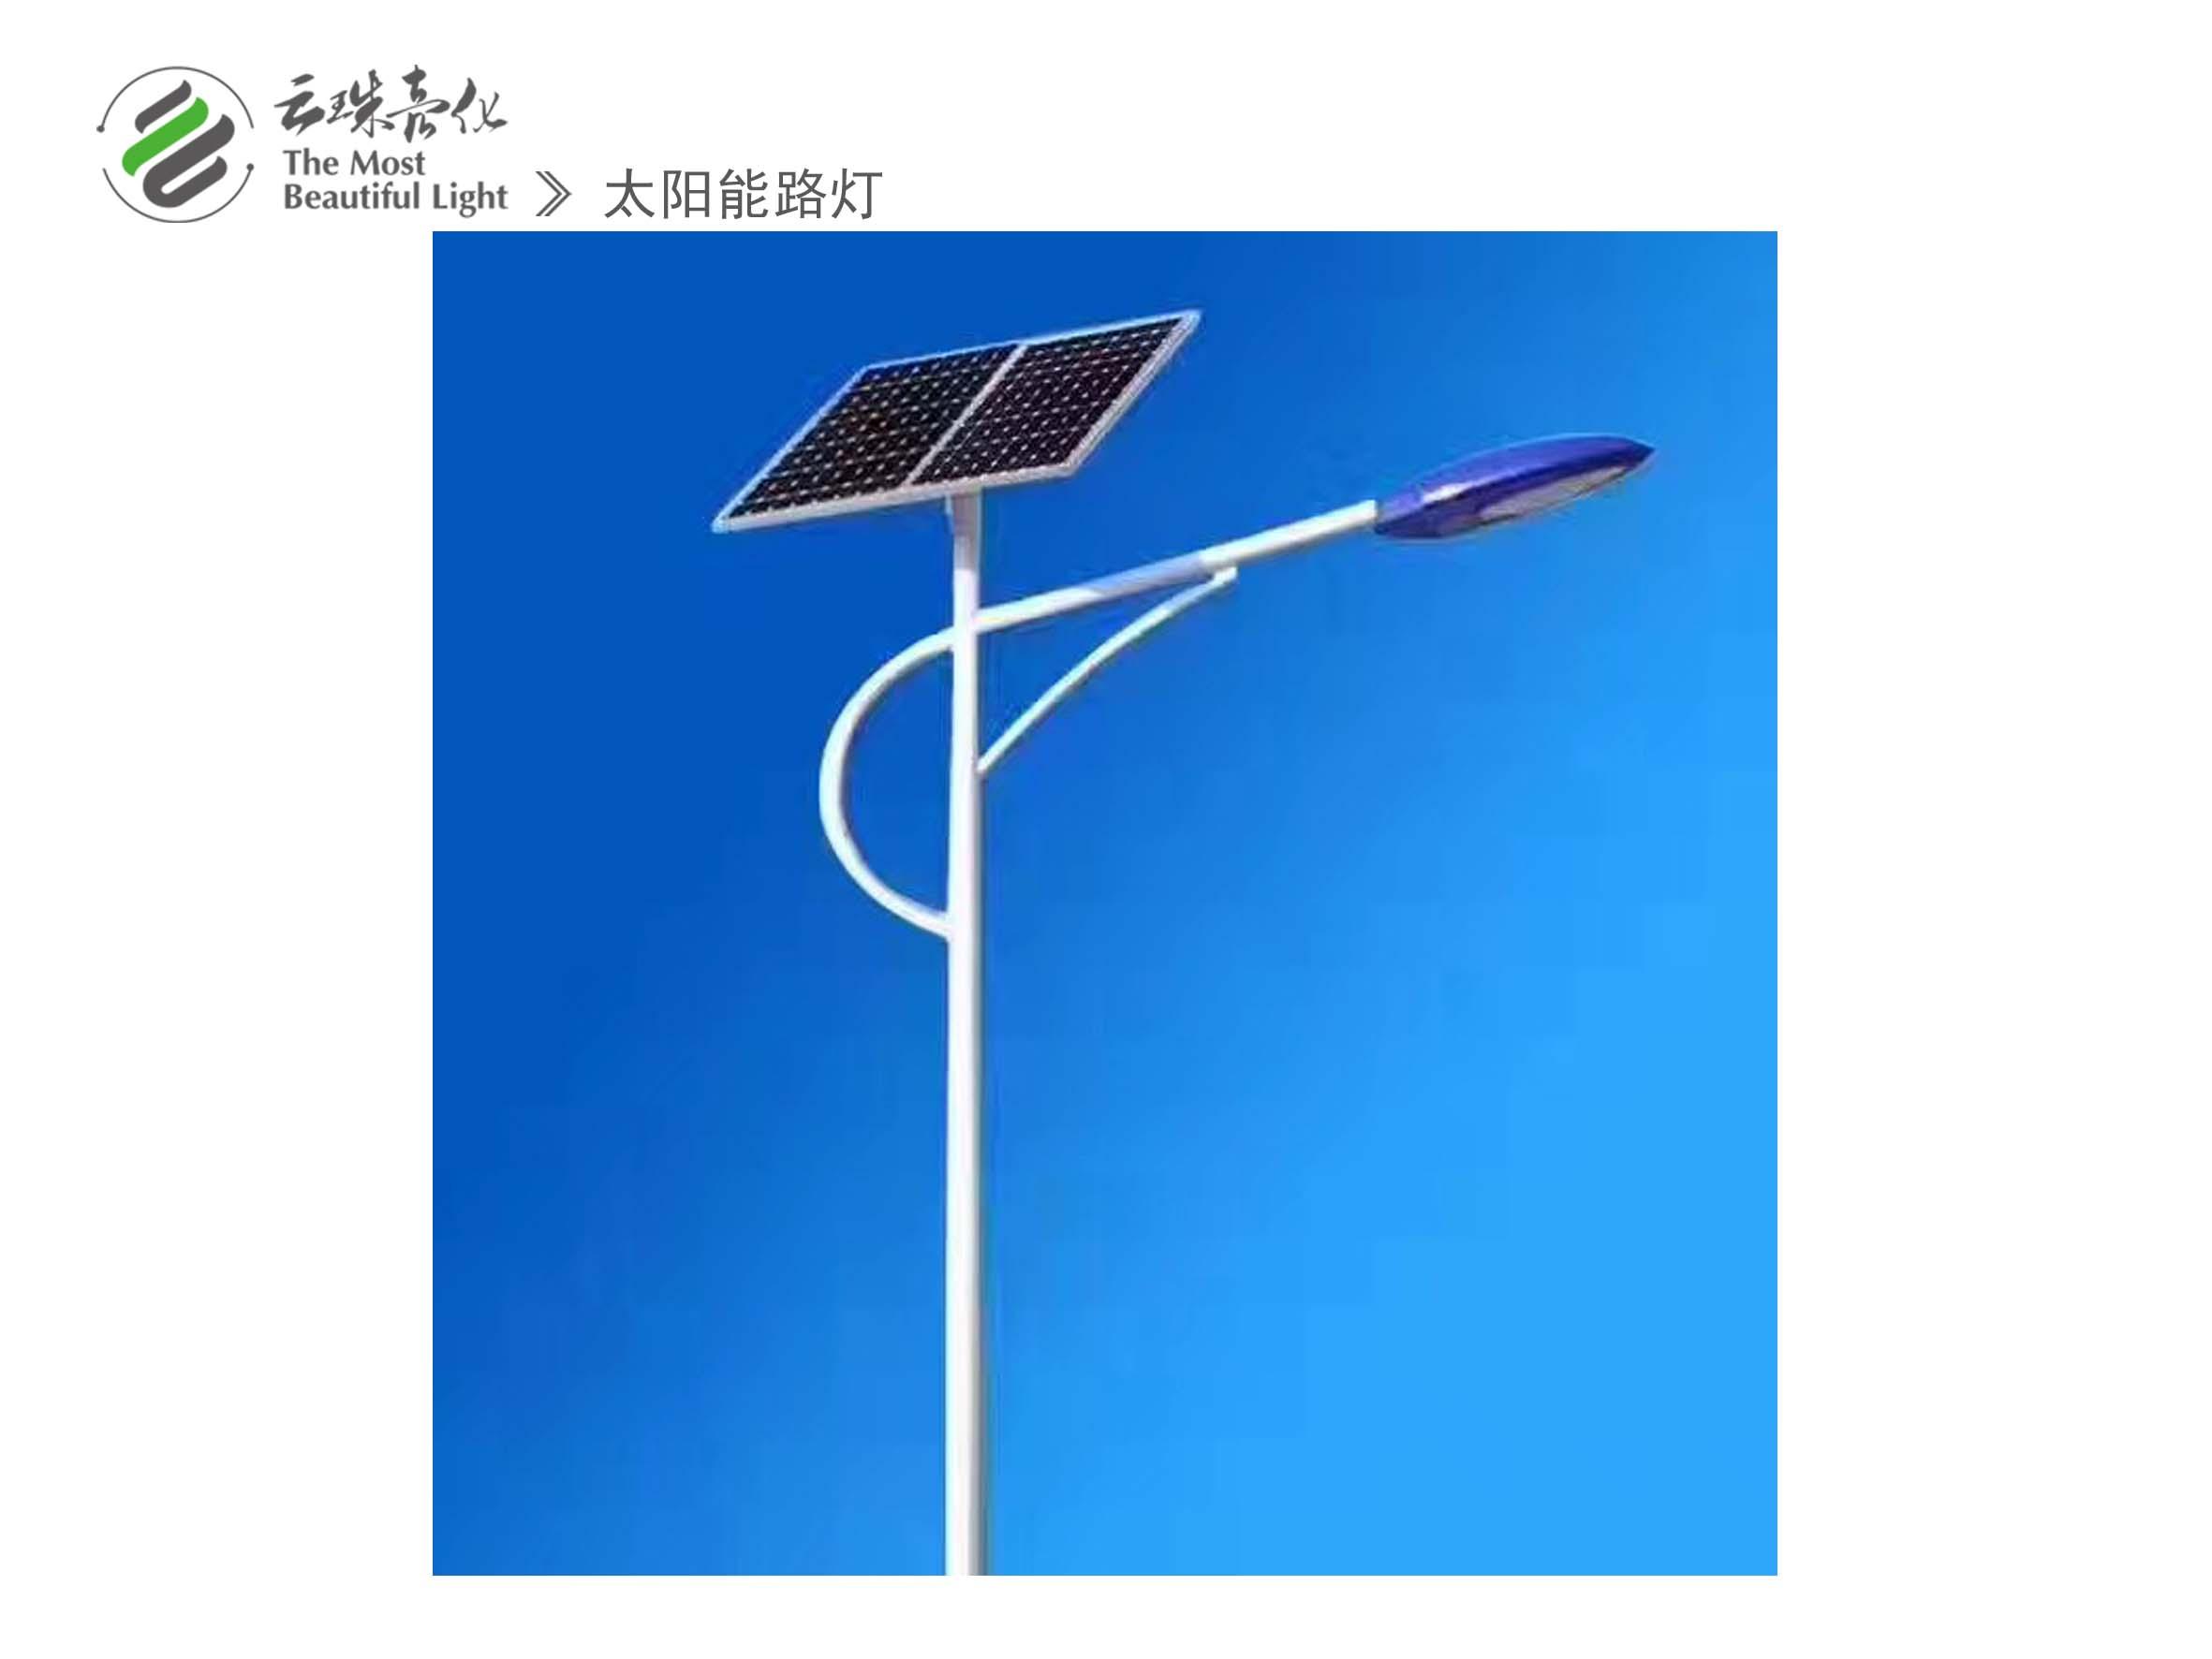 兰州太阳能路灯工程-甘肃云珠亮化提供兰州地区质量硬的兰州太阳能路灯